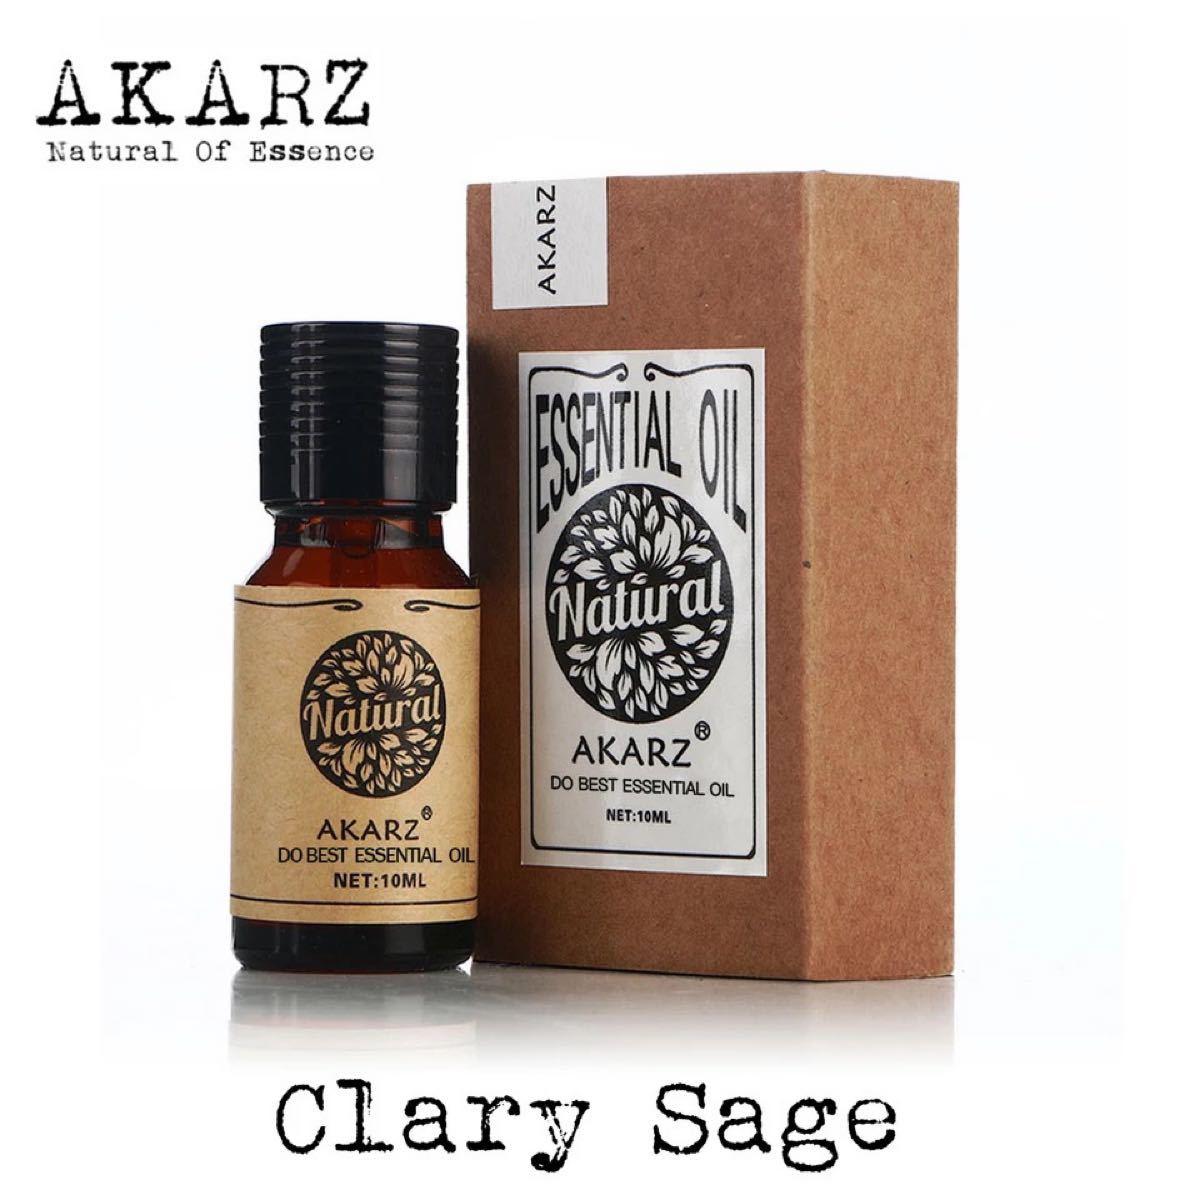 クラリセージ(Clary Sage) 精油・アロマオイル・エッセンシャルオイル 10ml